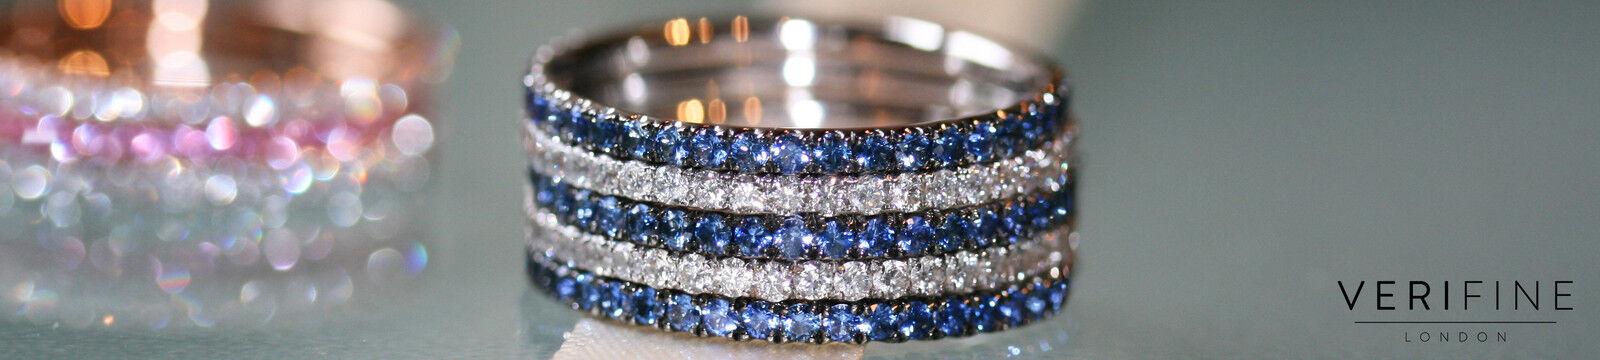 Verifine Jewellery